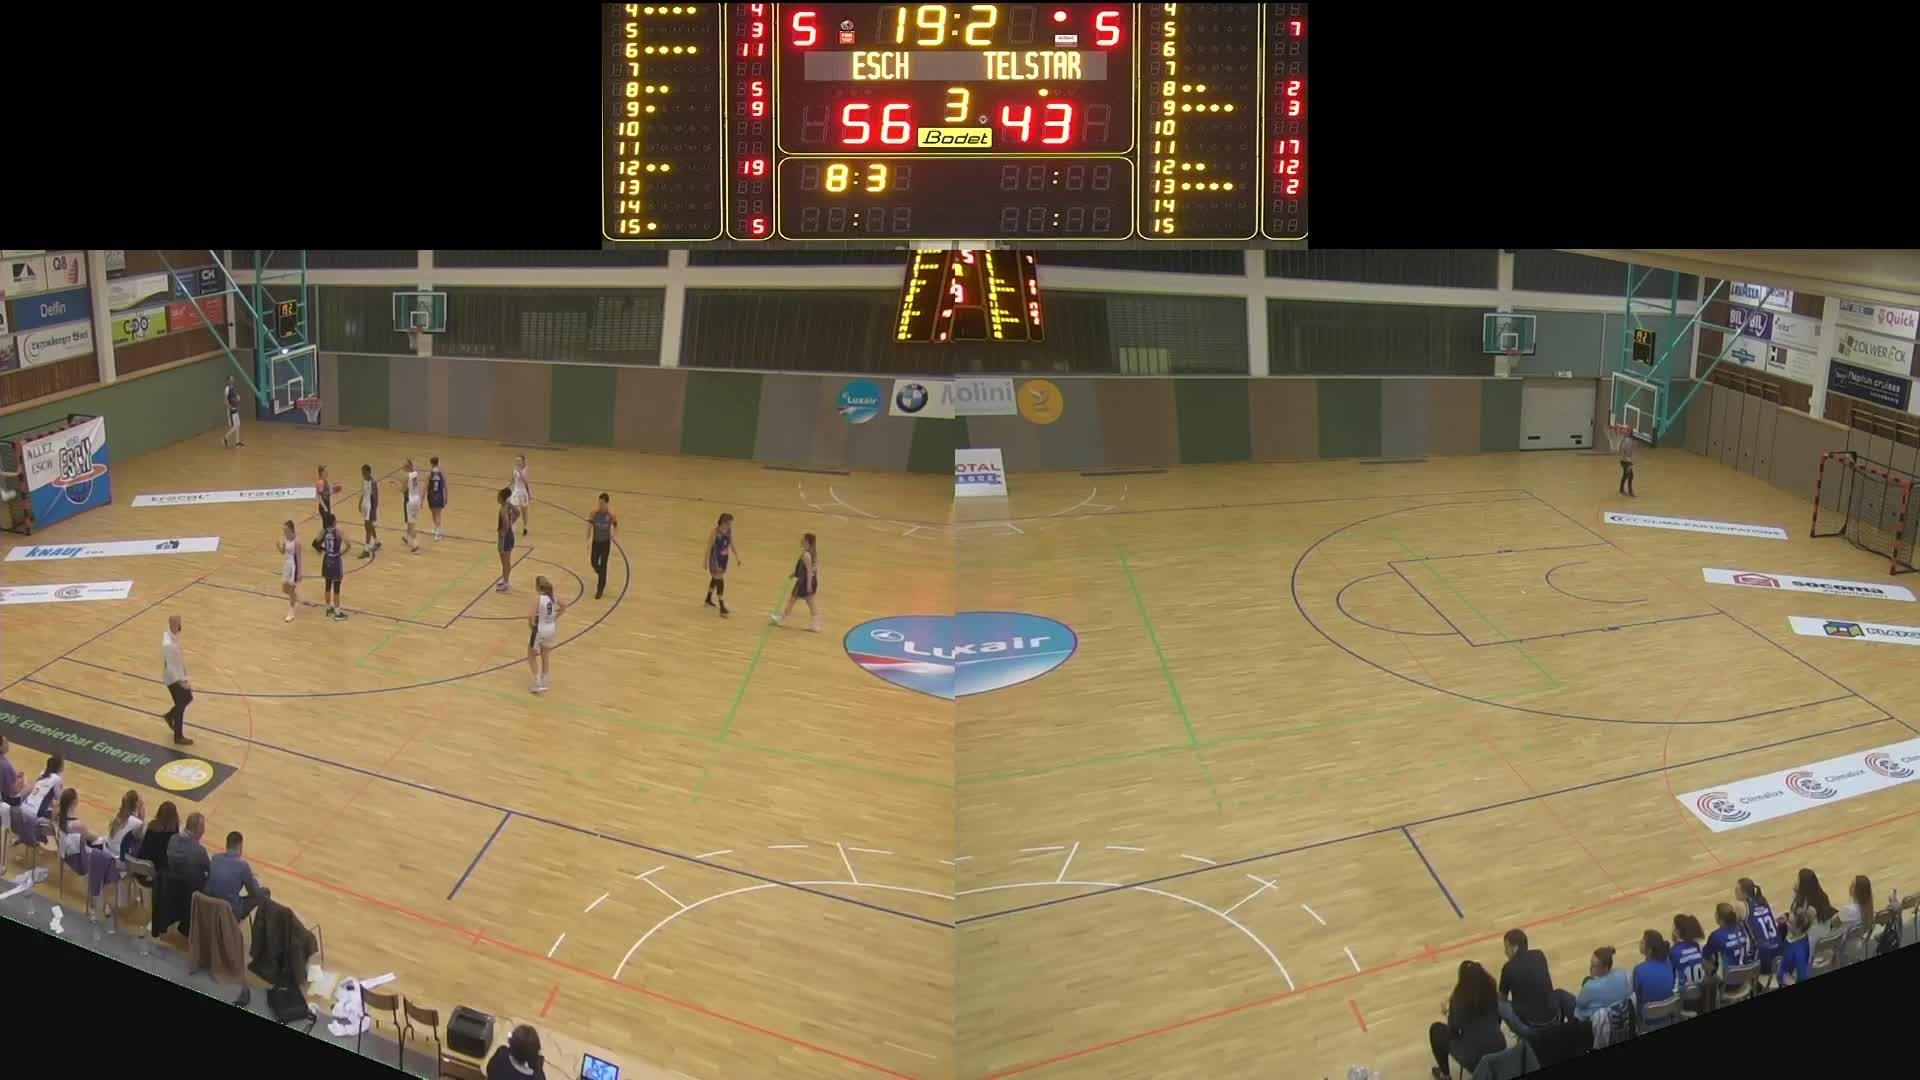 Basket Esch ( Dames A ) - Telstar - 23.11.2019